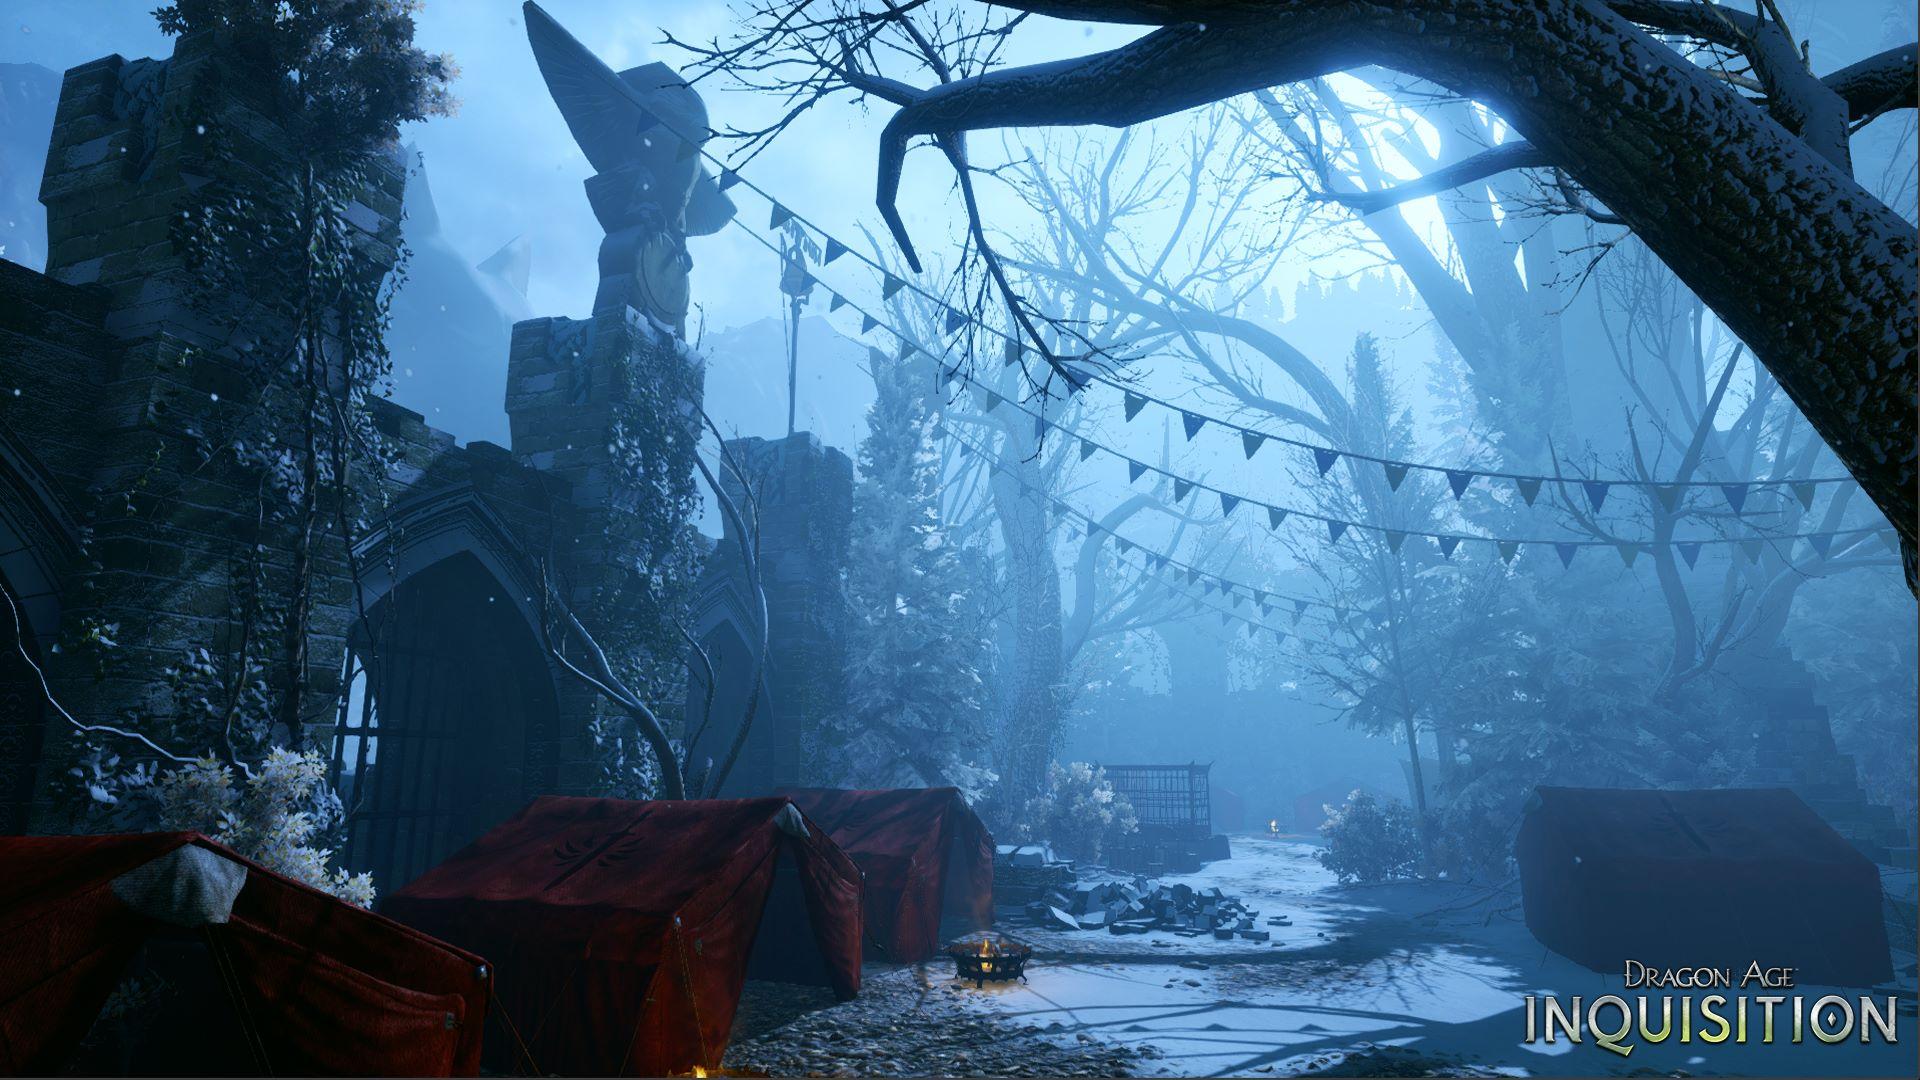 Dragon Age: Inquisition Screenshots Enter Emerald Graves, Empire du Lion #31362